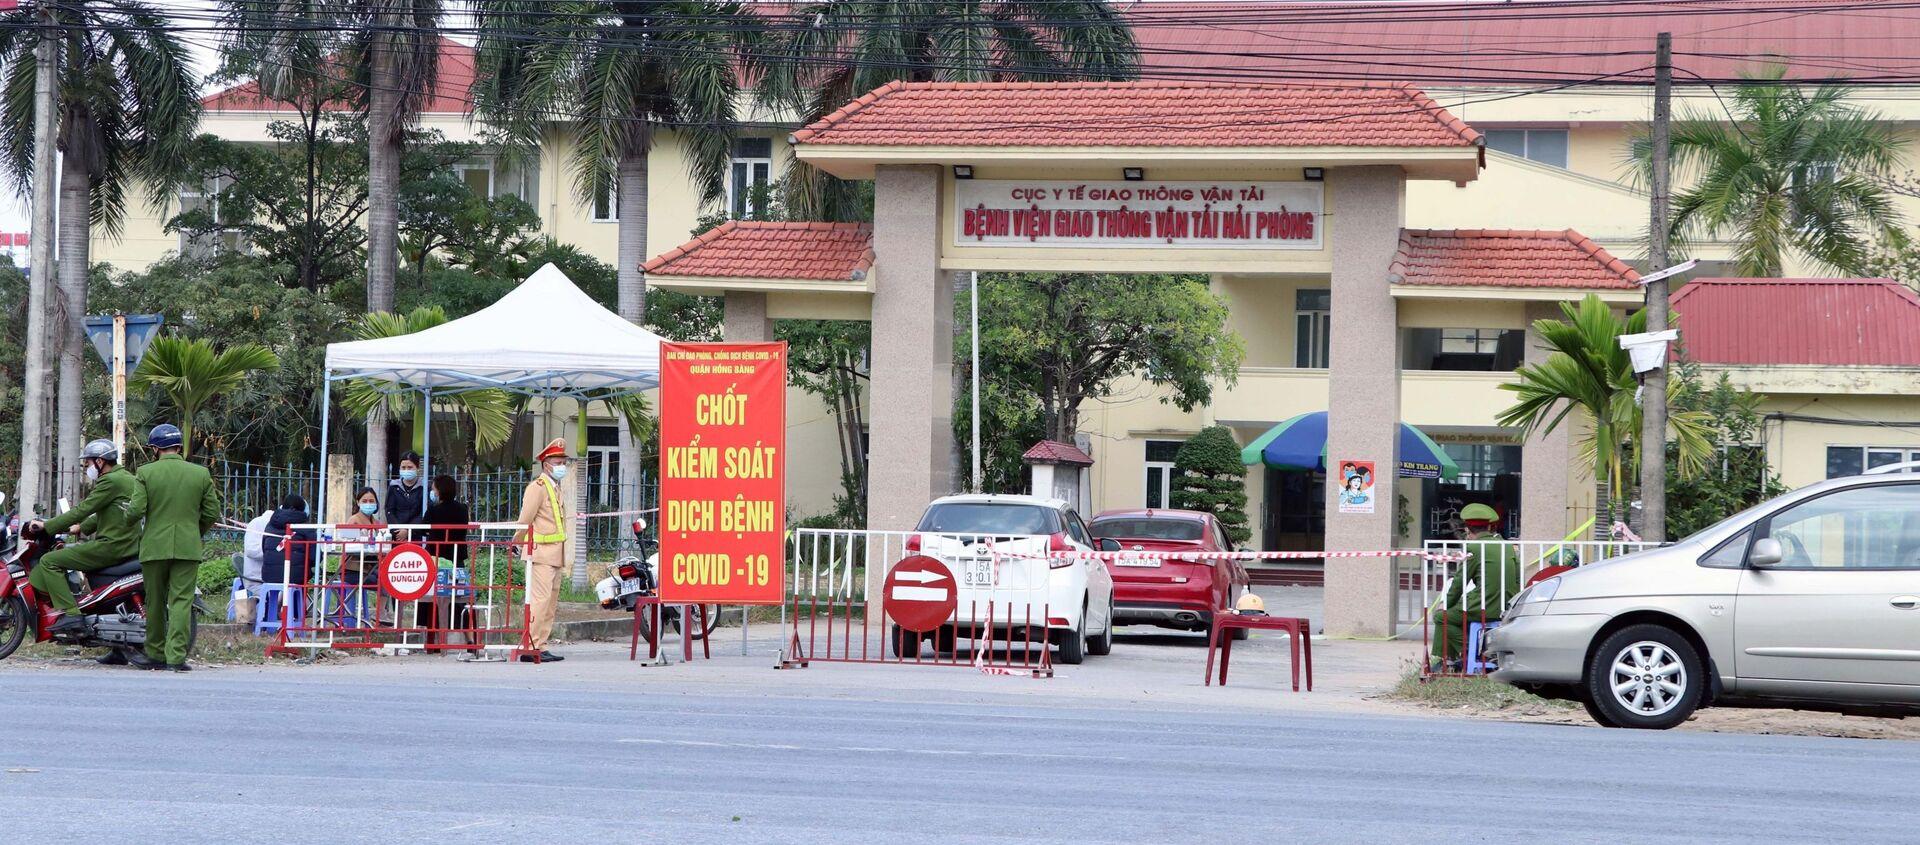 Cơ quan chức năng phong tỏa Bệnh viện Giao thông vận tải Hải Phòng, nơi bệnh nhân làm việc - Sputnik Việt Nam, 1920, 29.04.2021